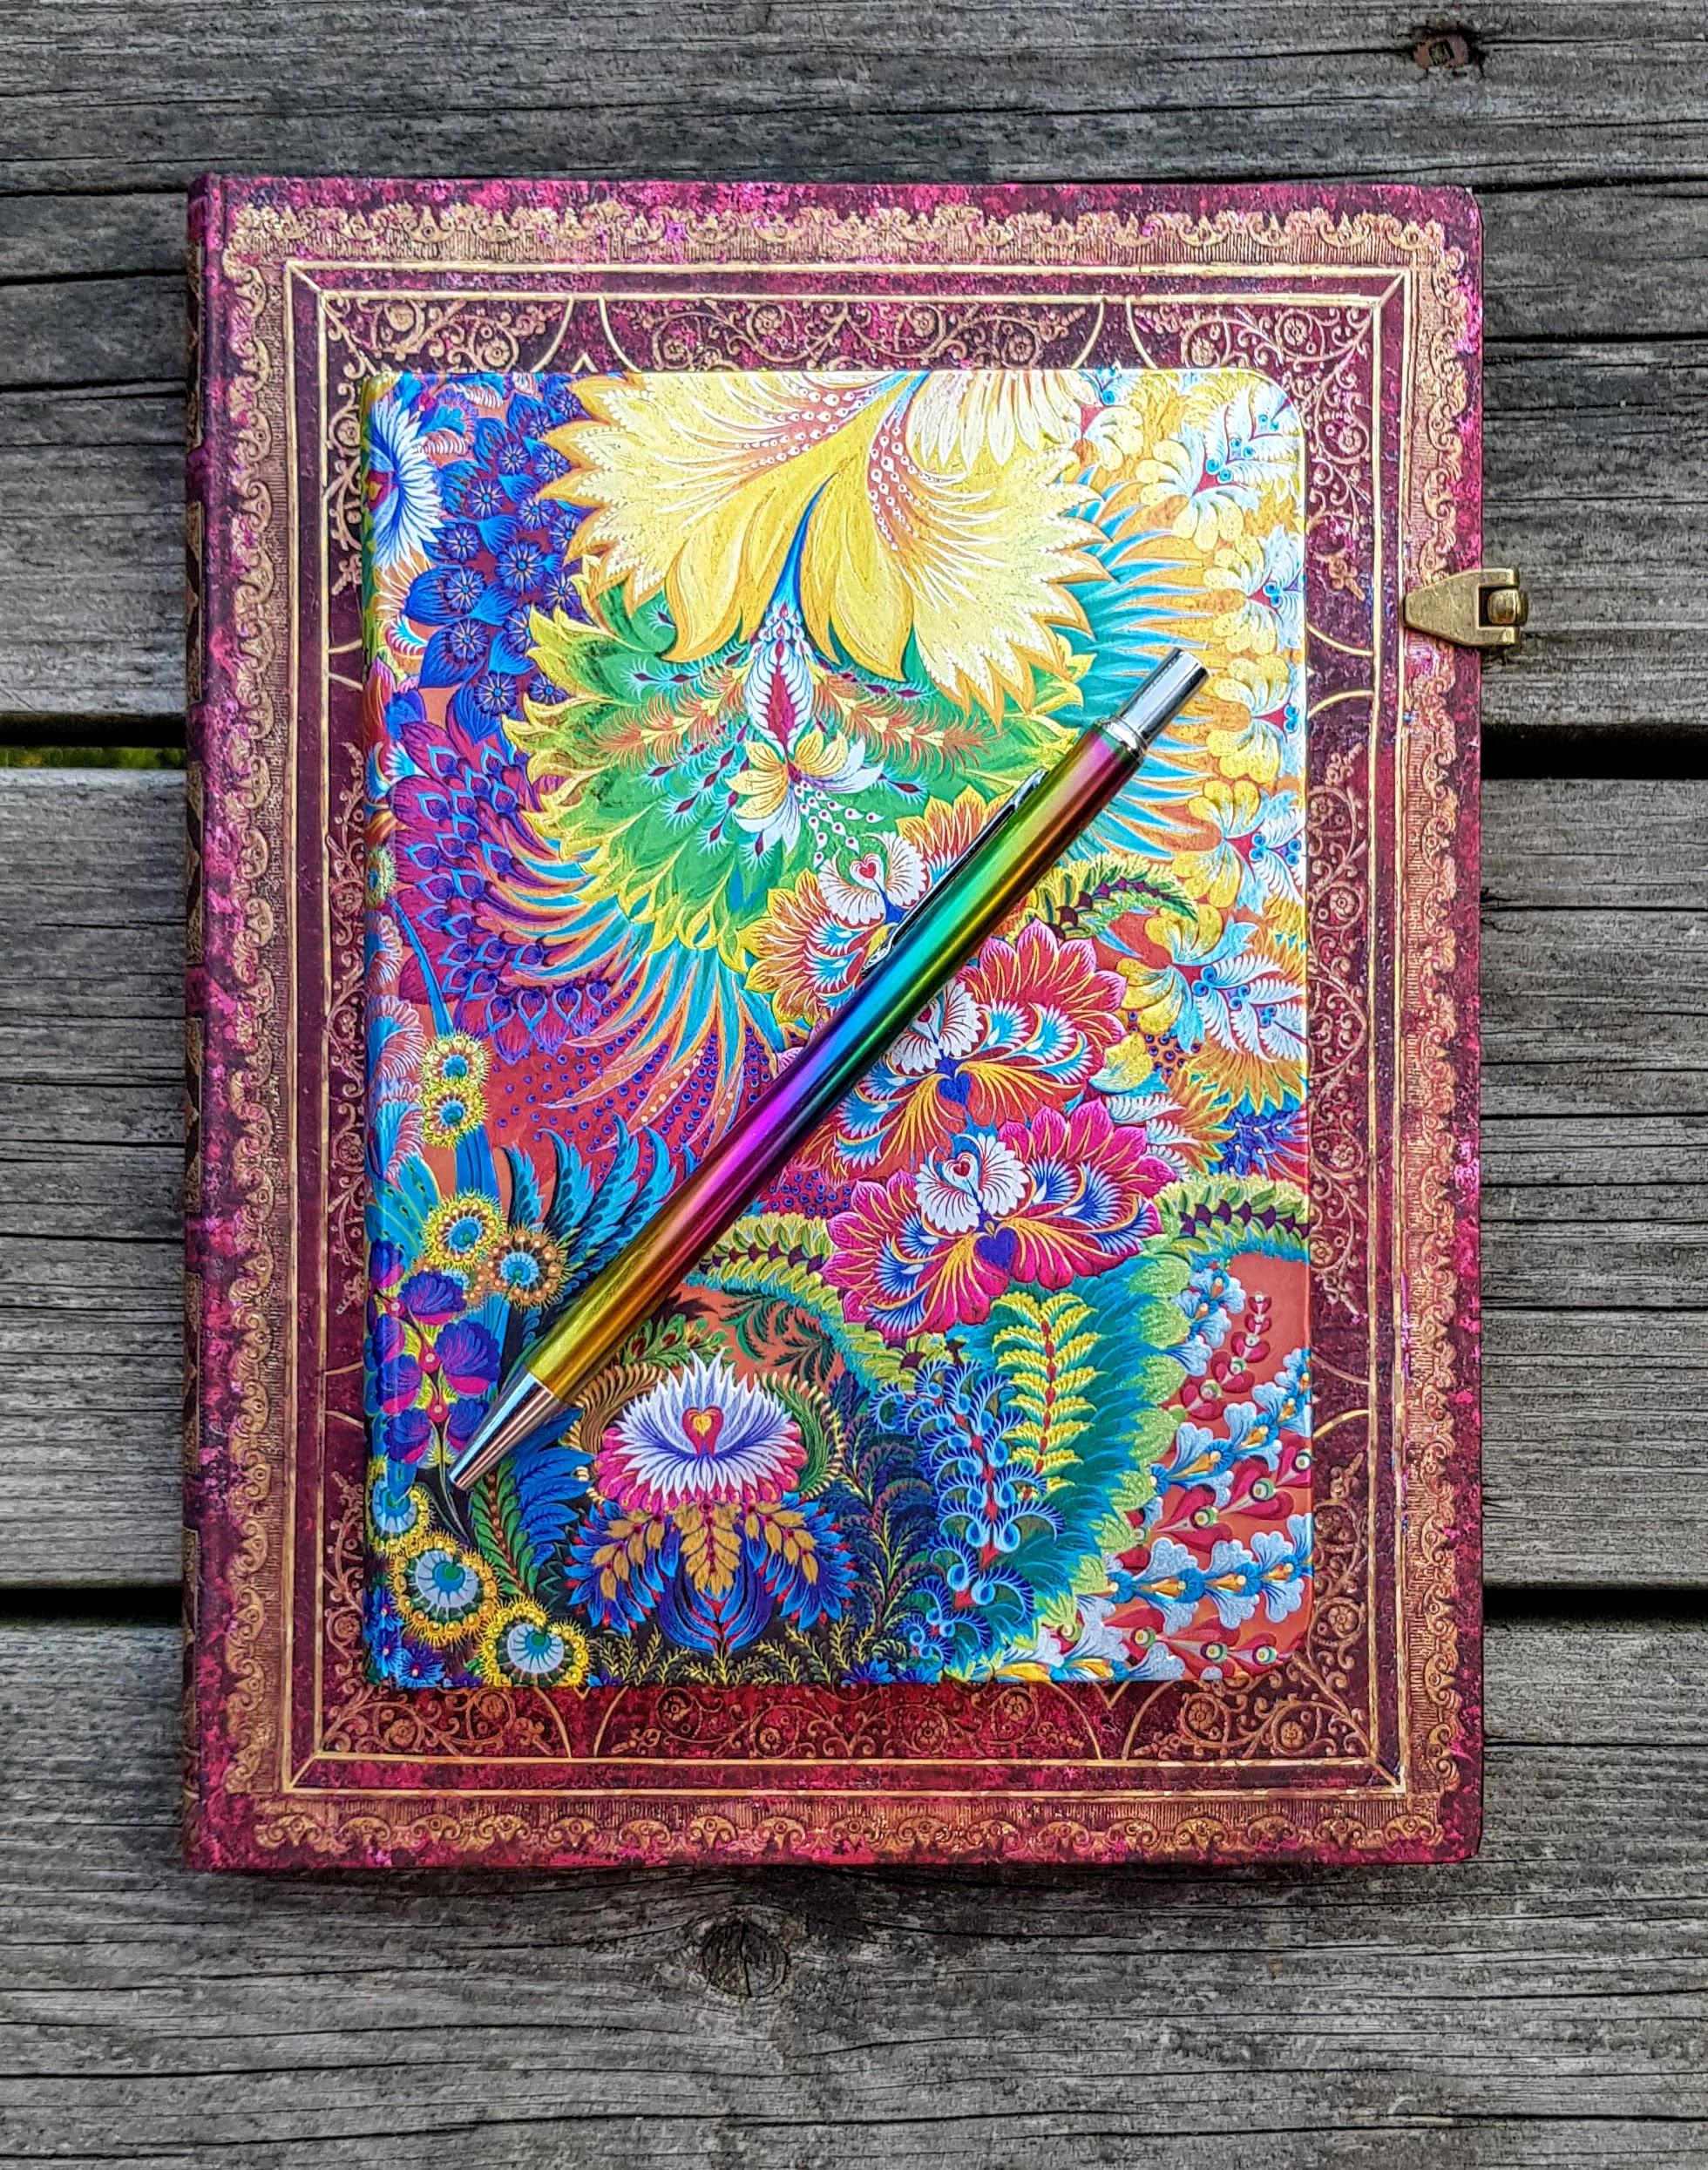 Två av mina älskade anteckningsböcker och regnbågspennan. Tillsammans skapar vi mycket magi!